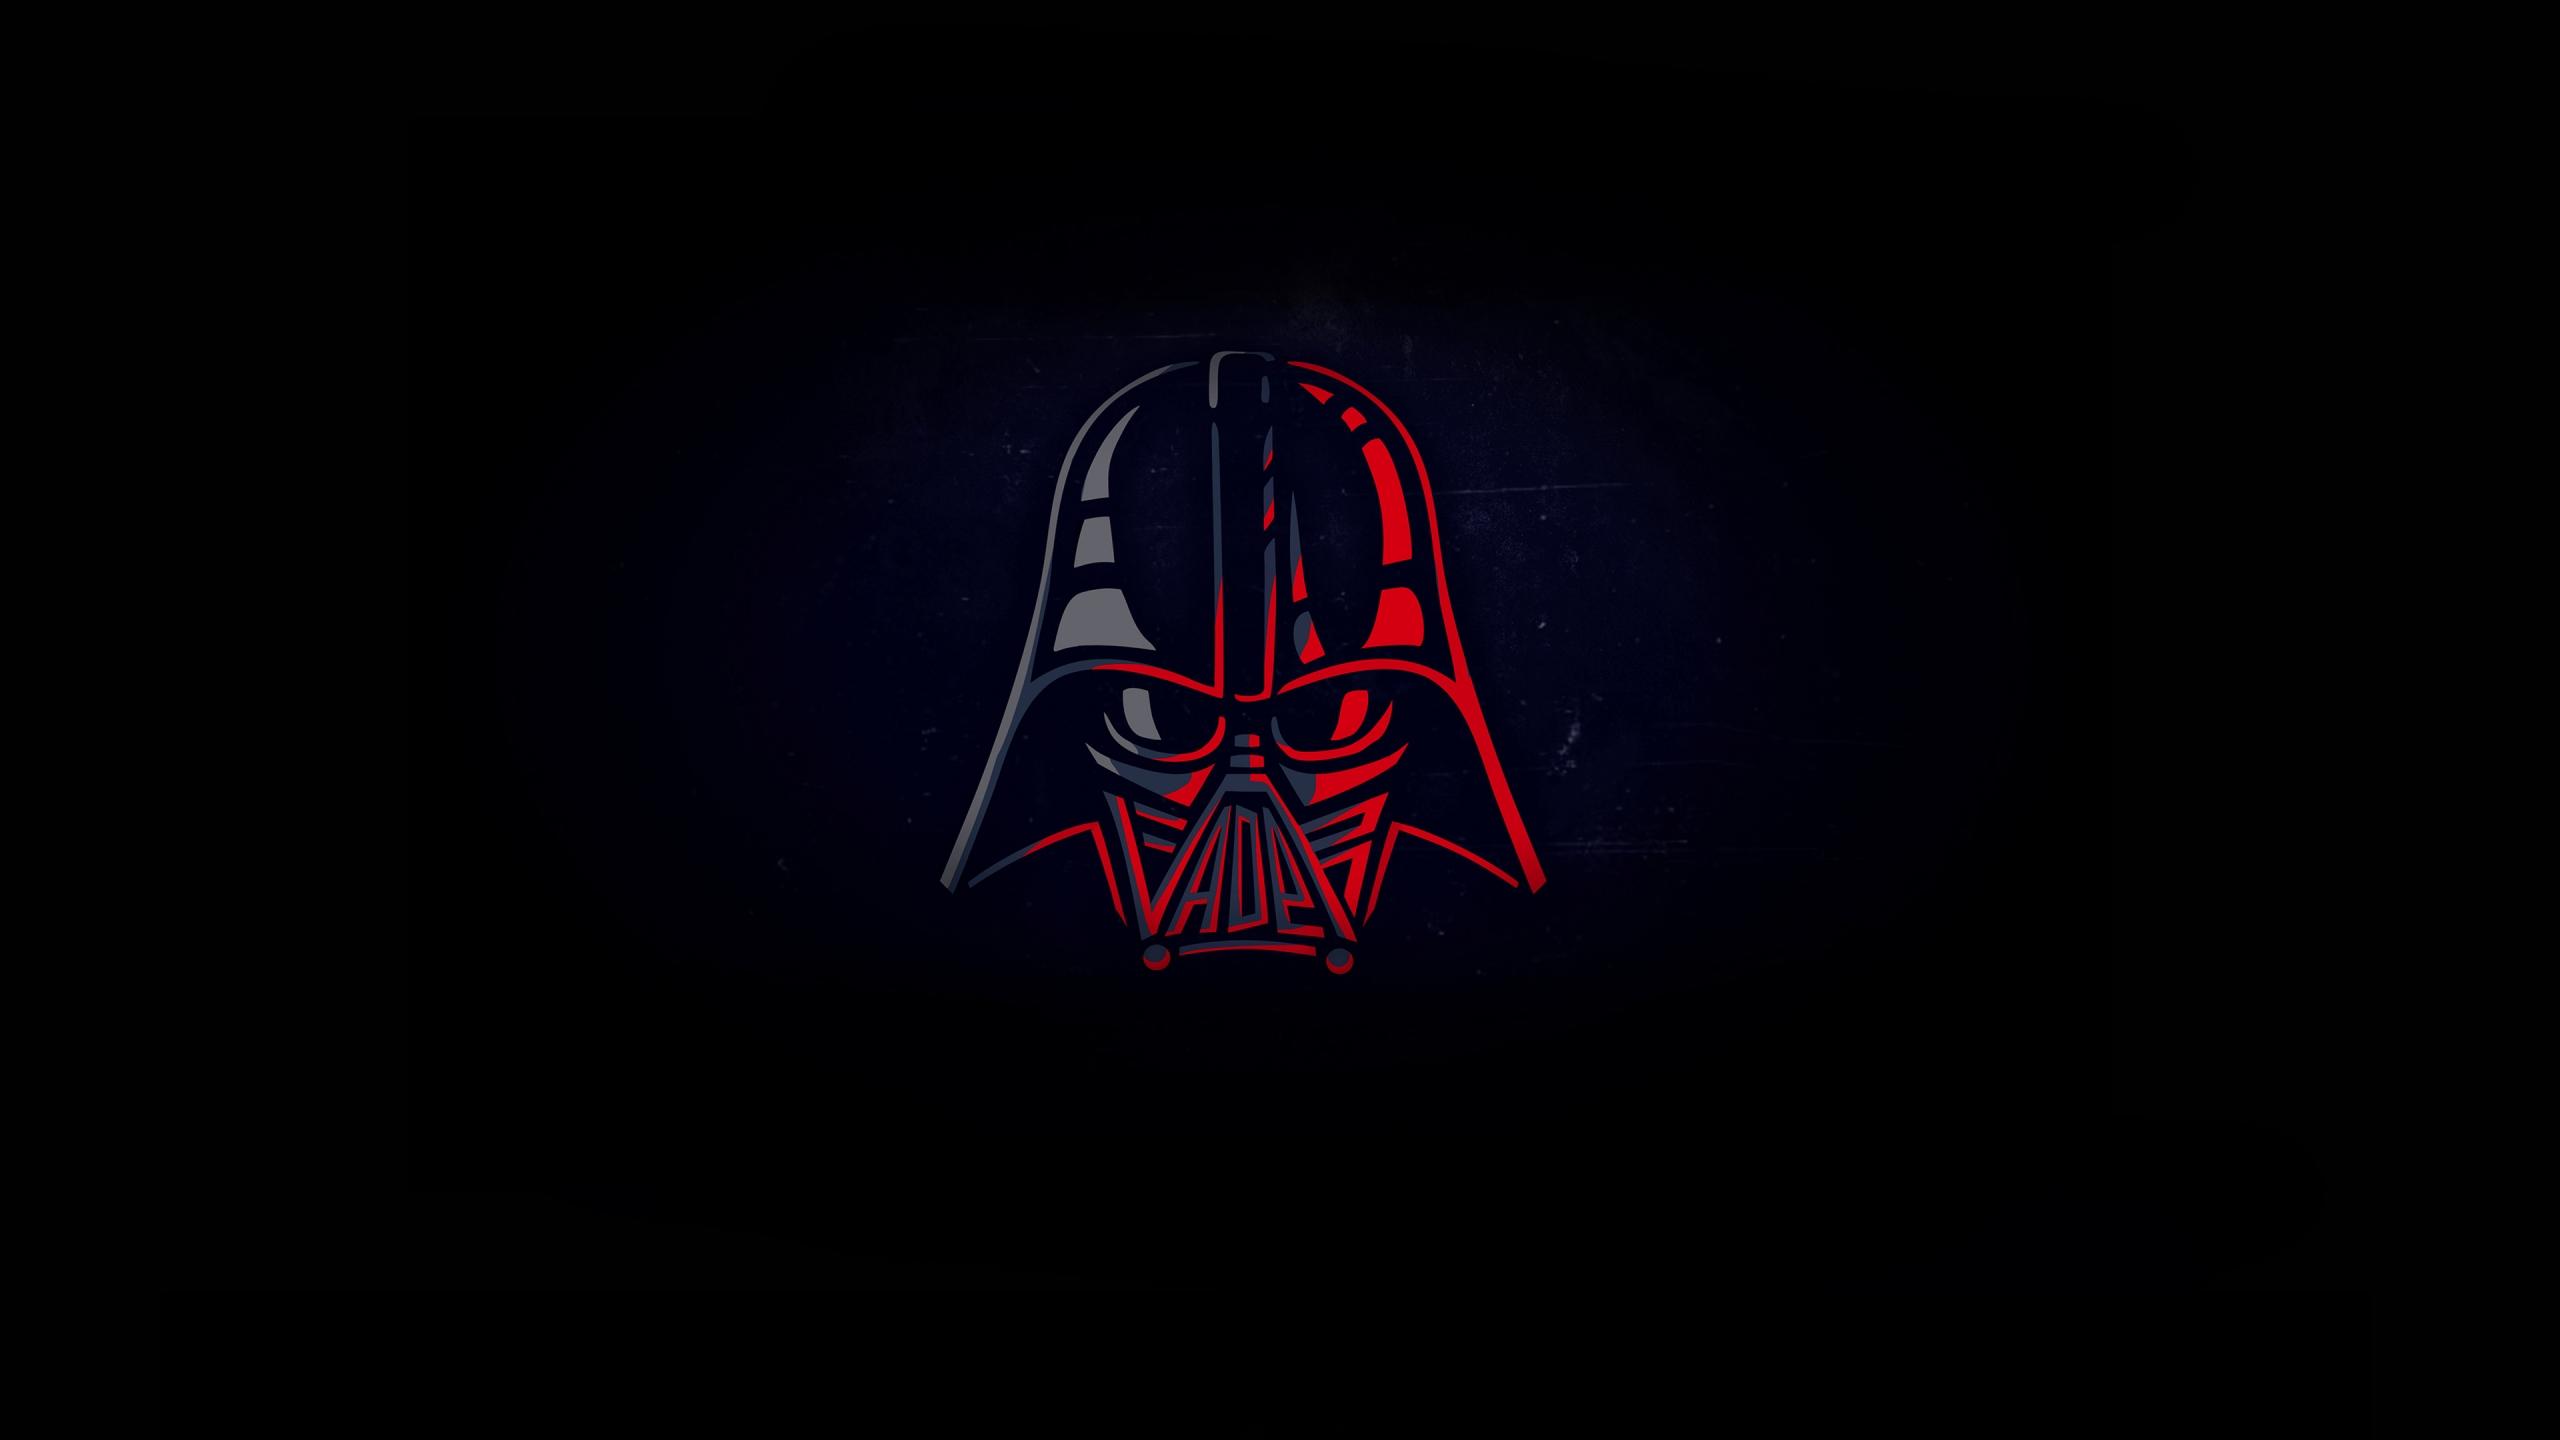 Darth Vader 4k Wallpaper Posted By John Peltier